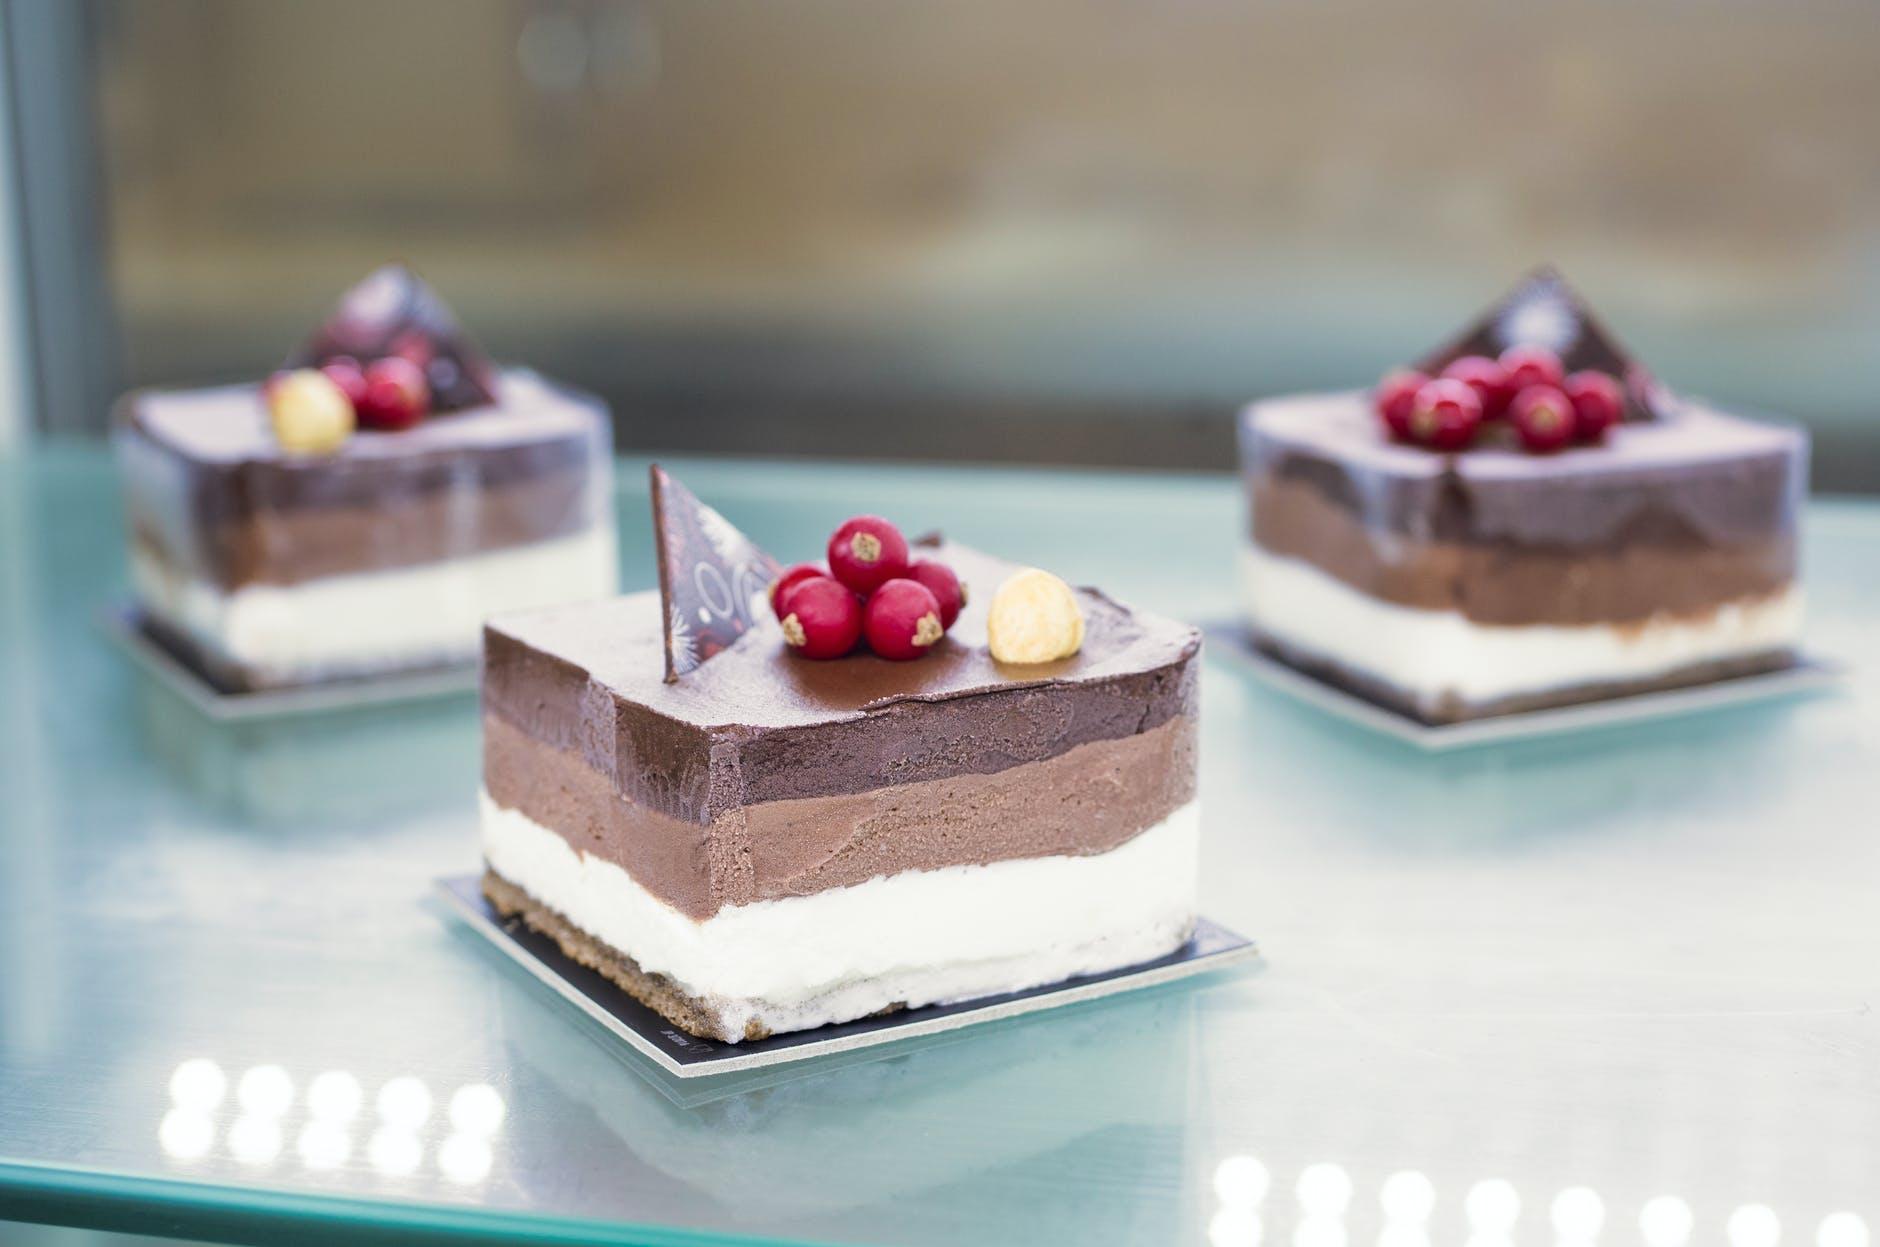 Abrir uma loja de bolos: aqui está o guia definitivo!